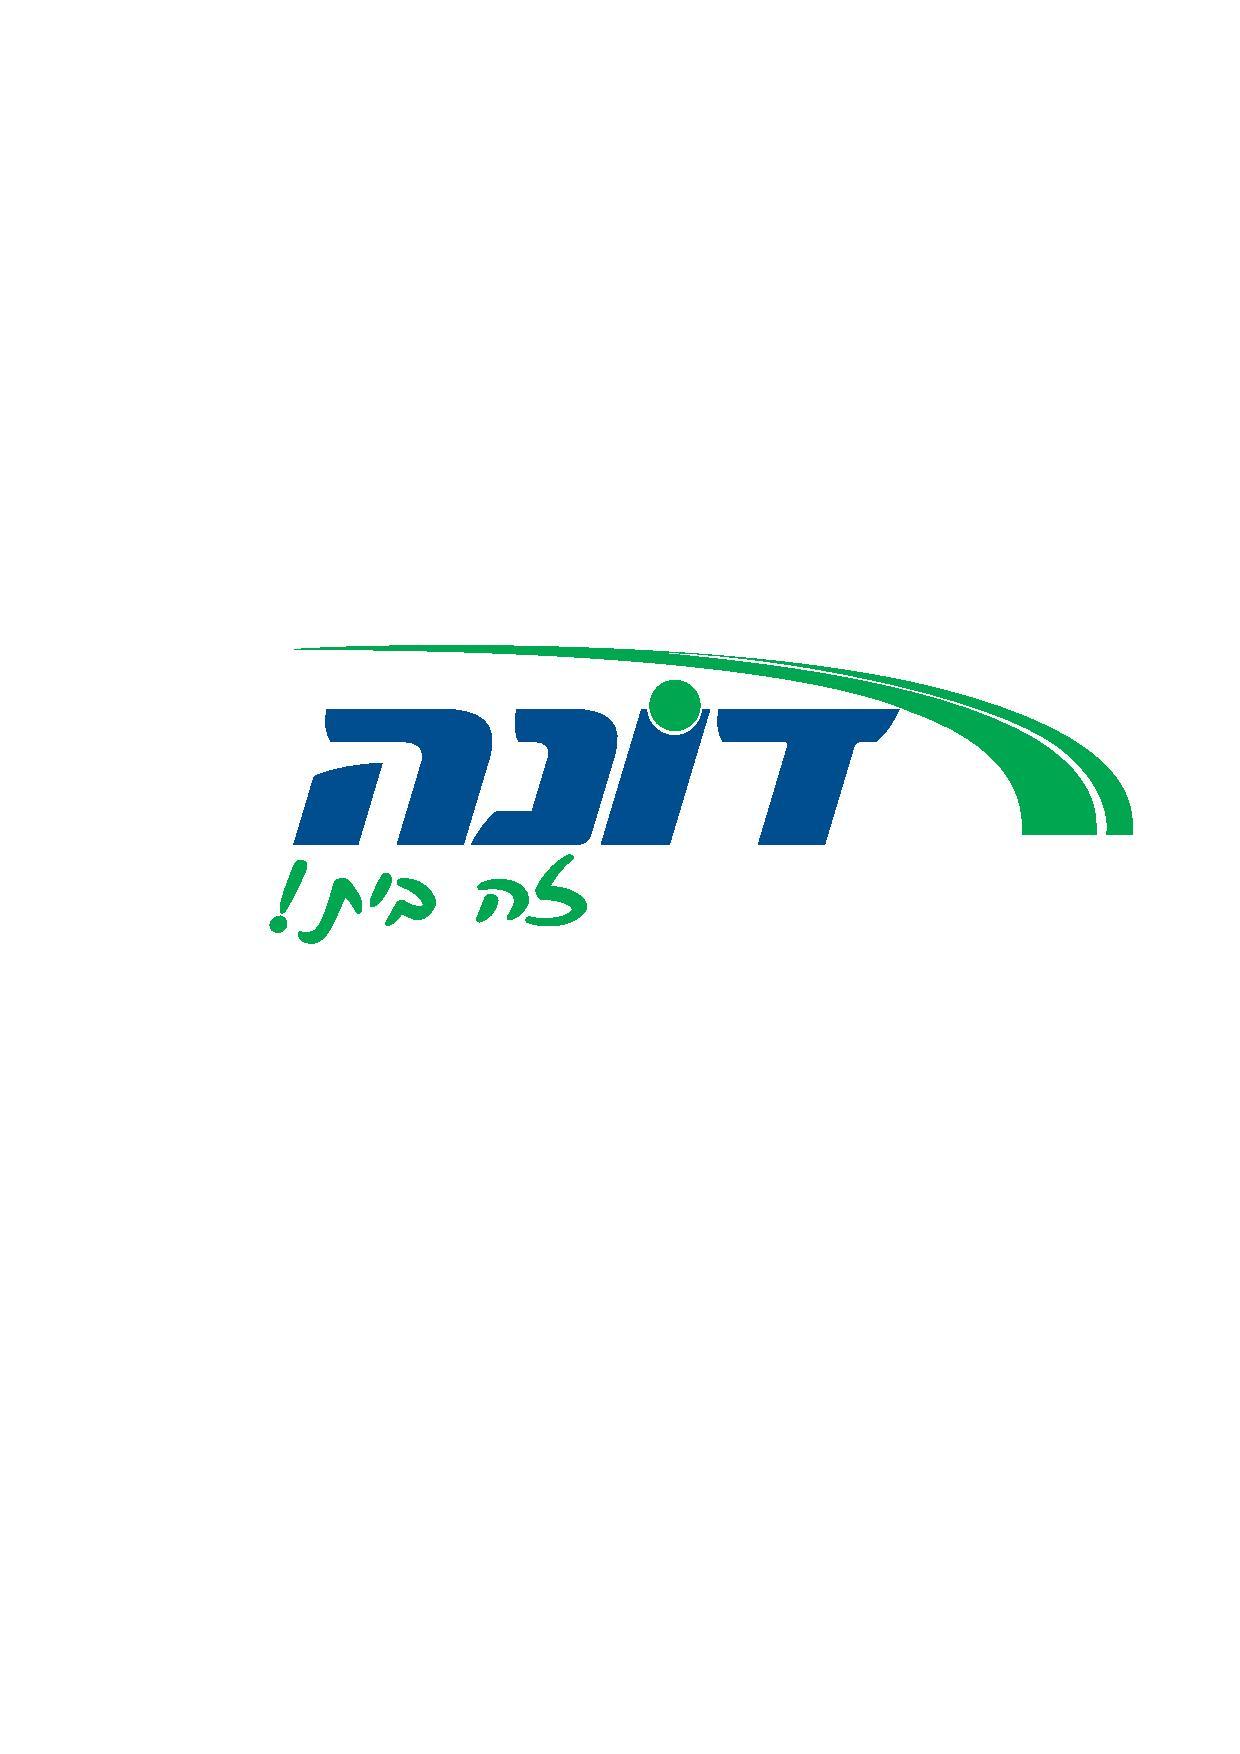 דונה דירות למכירה - לוגו רשמי של החברה